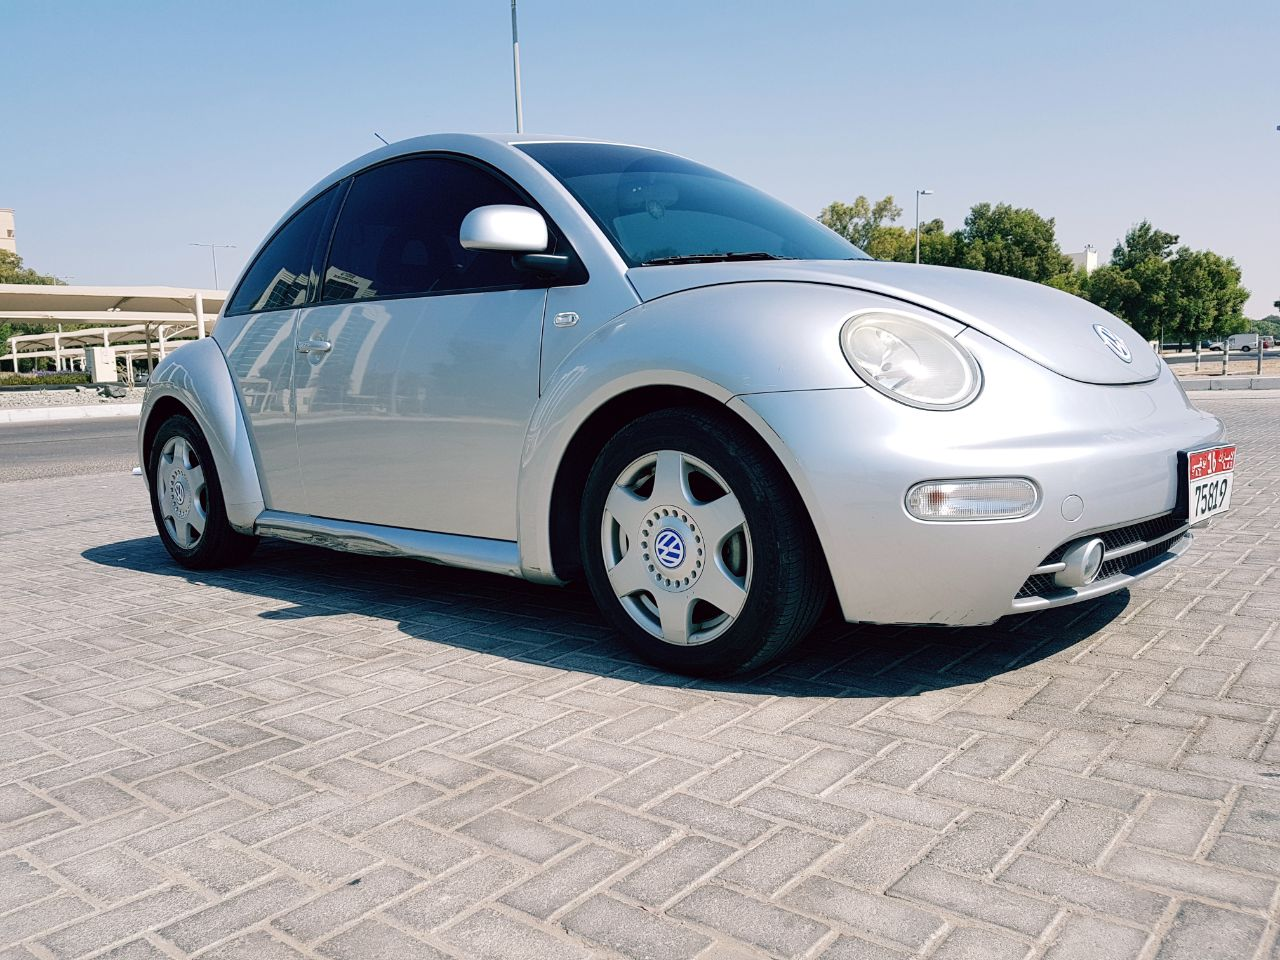 Used Volkswagen Beetle 2001 Car For Sale In Abu Dhabi